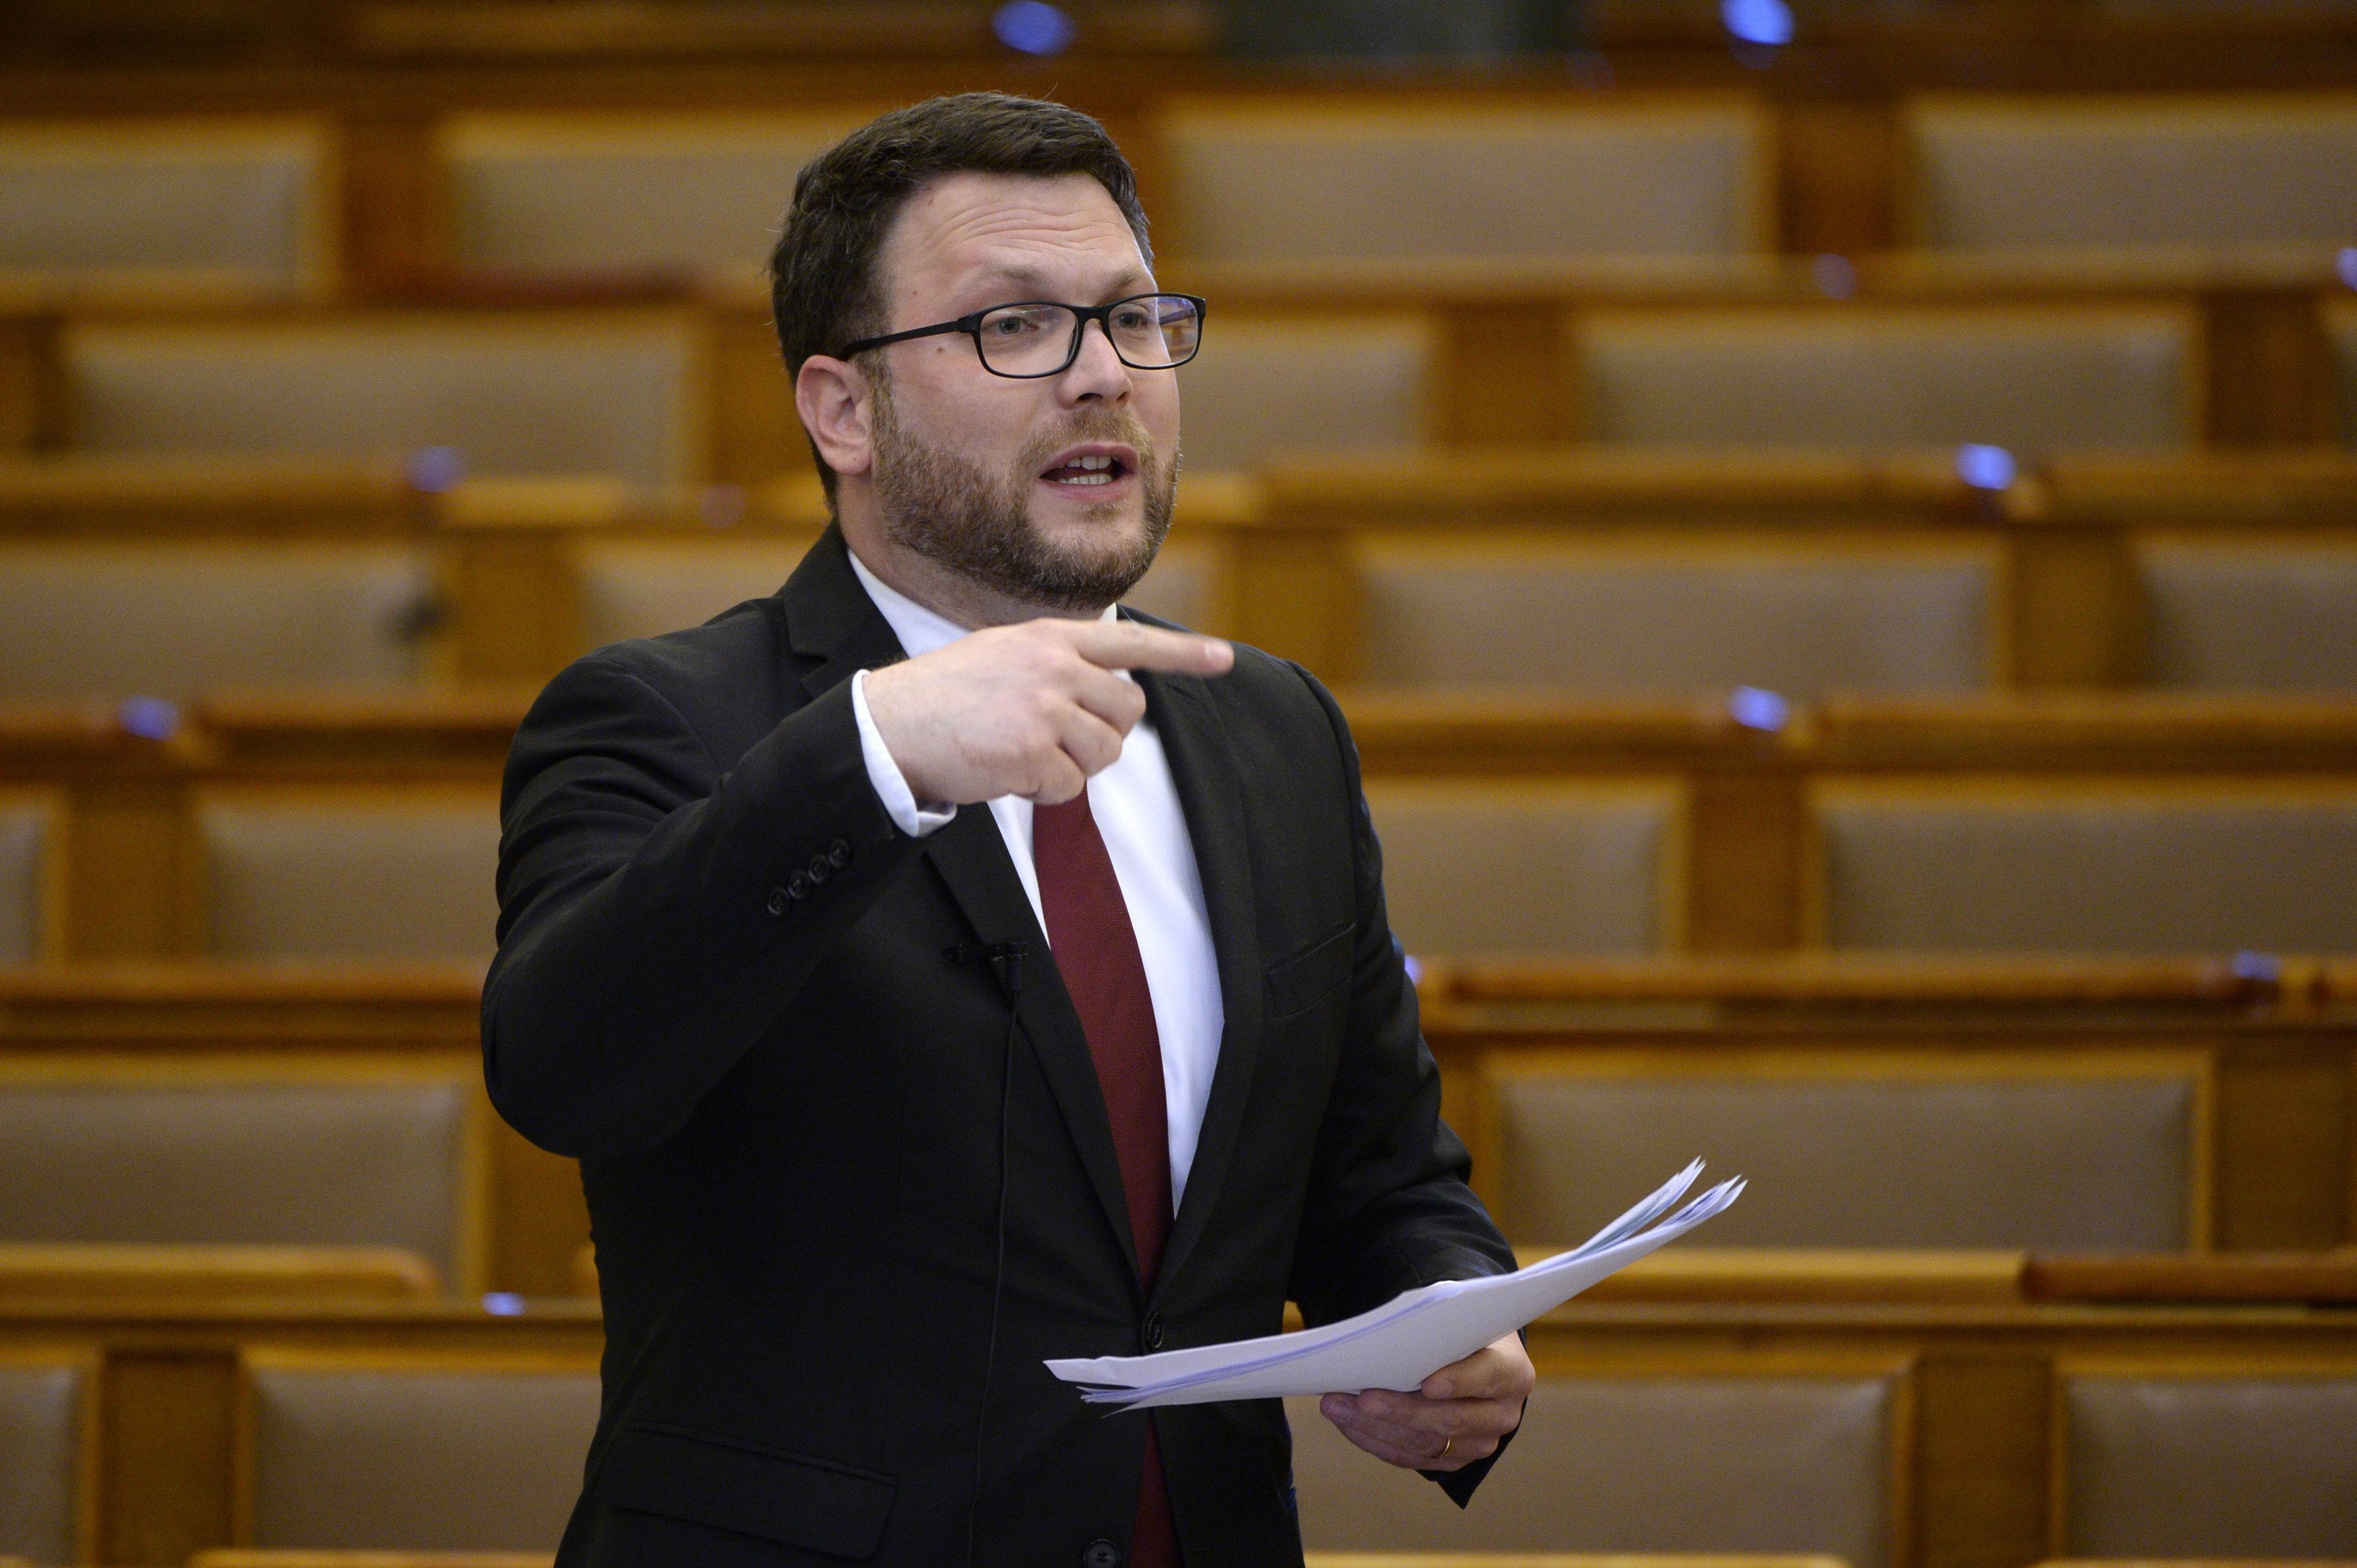 Trollkormányzás: megkérdezték Palkovicsot, hogy miért nem válaszol soha semmire, de még erre is a helyettese válaszolt